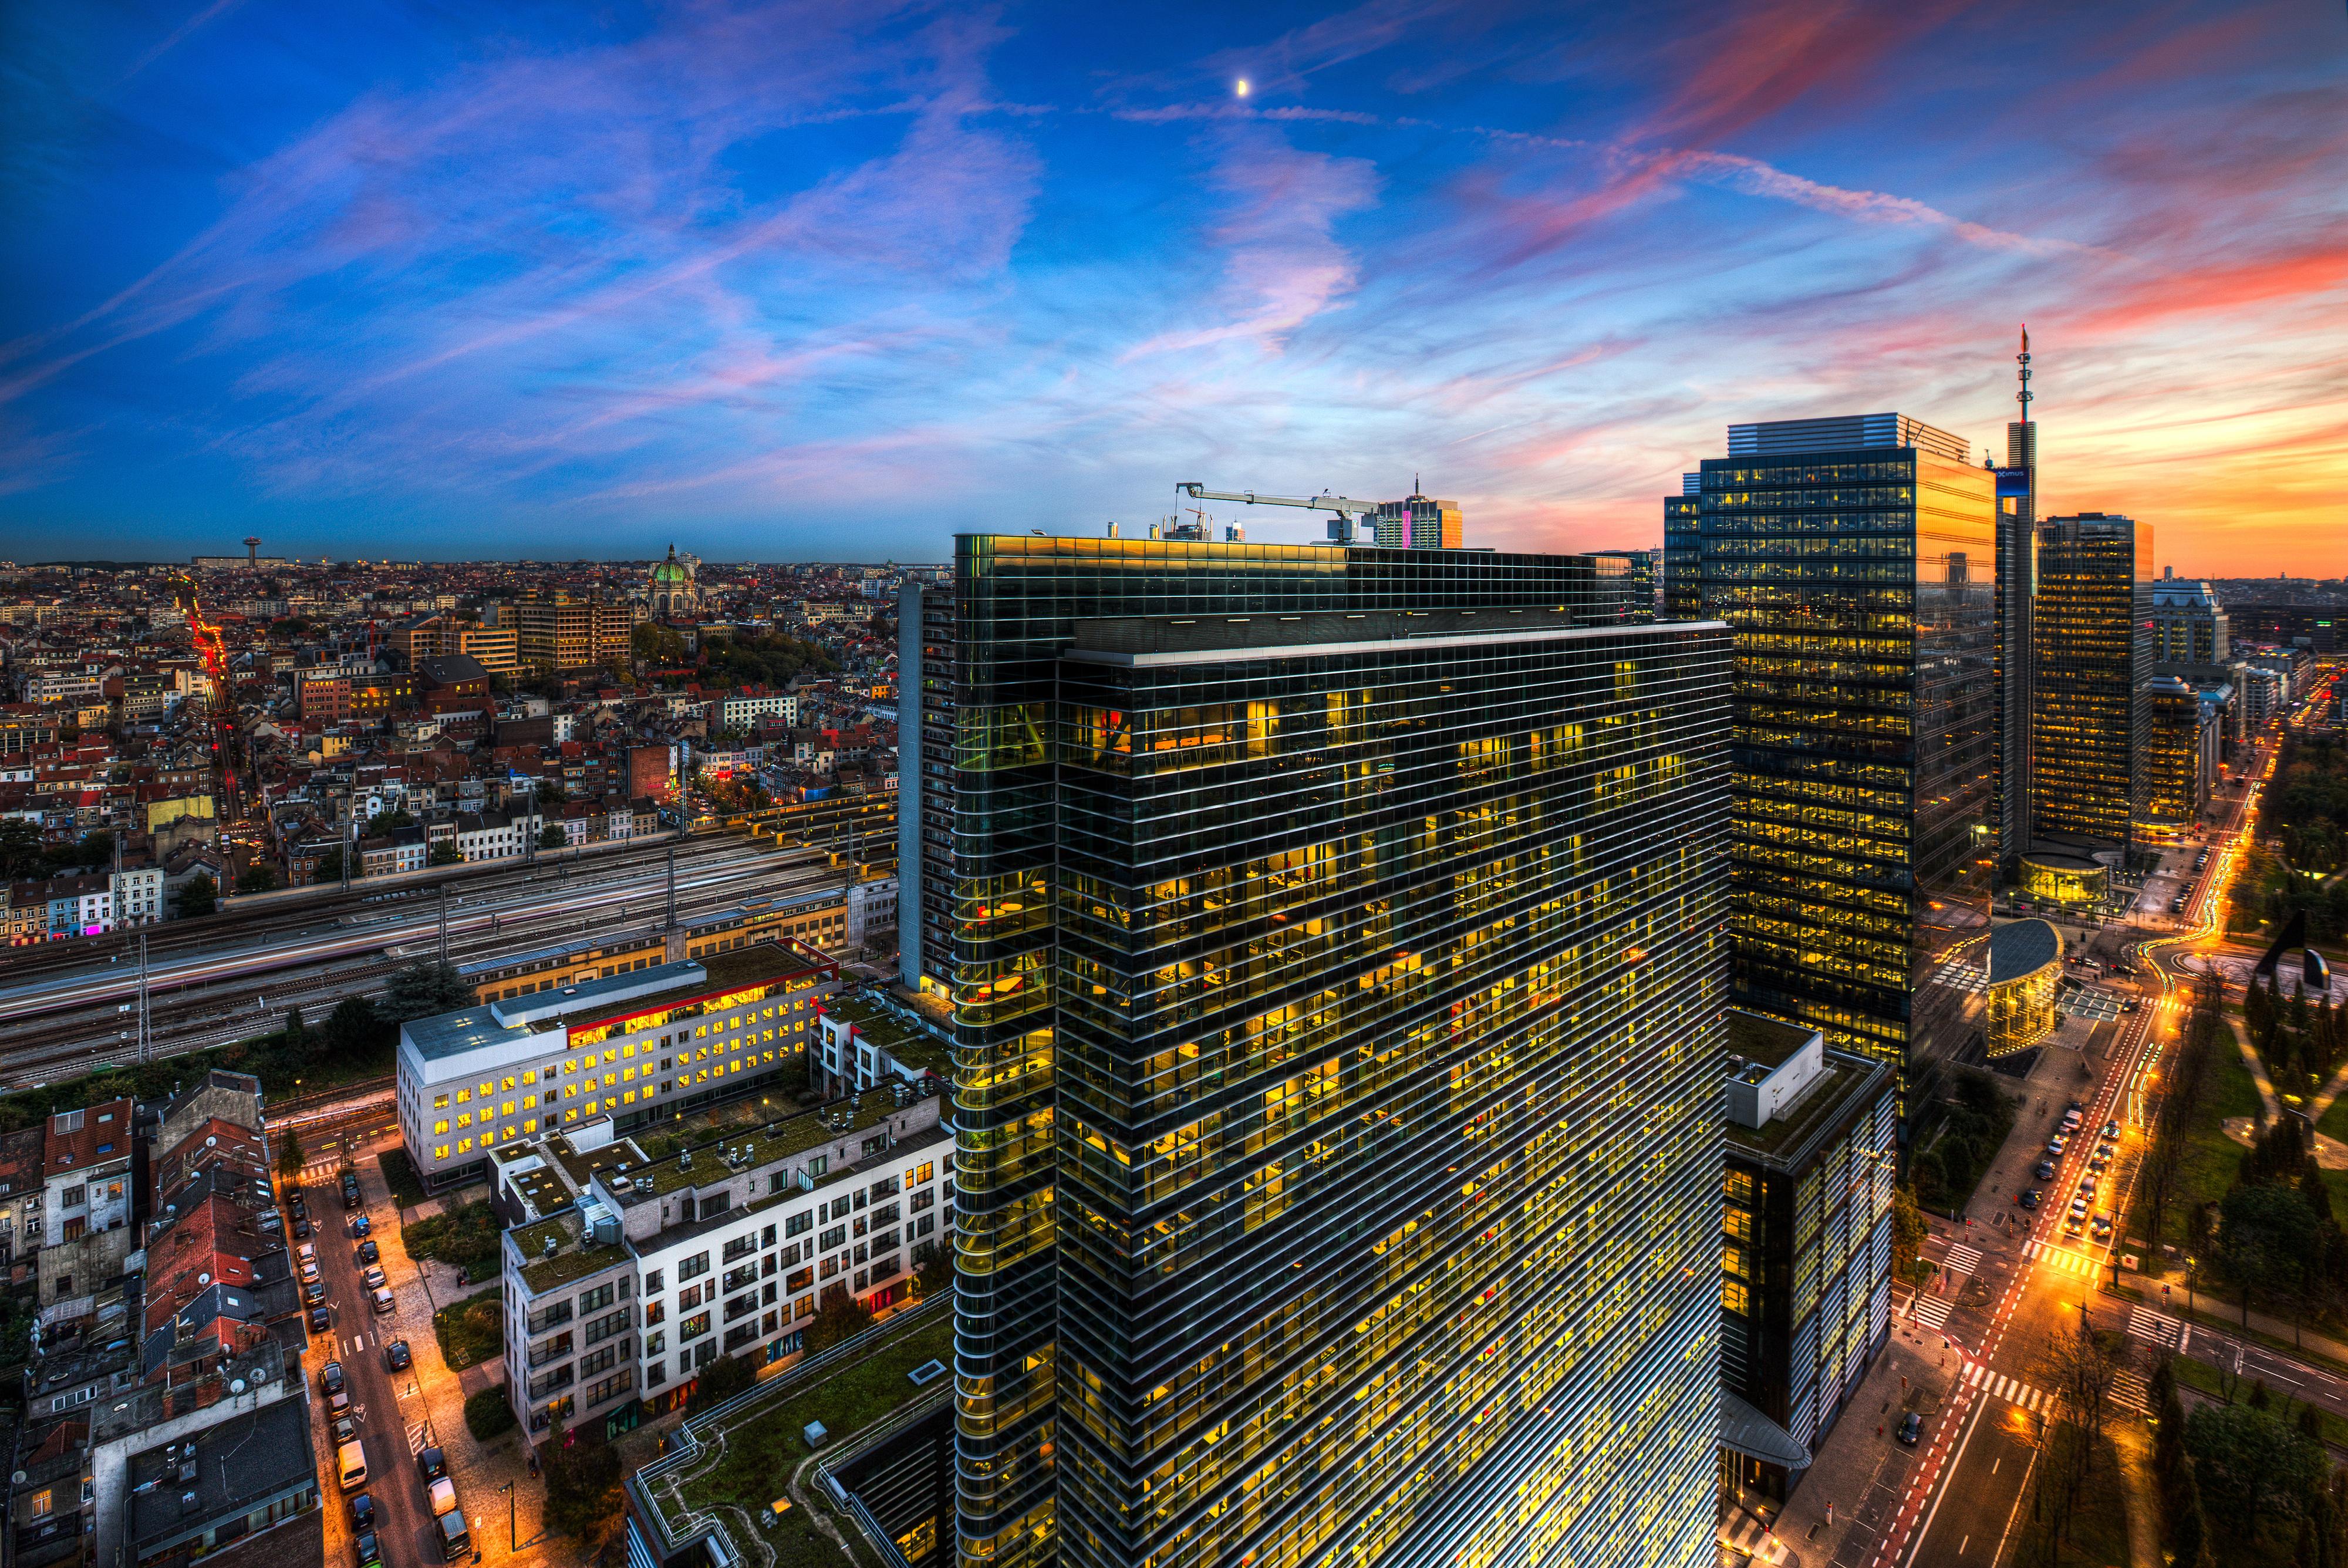 Ville de Bruxelles - laurent caputo